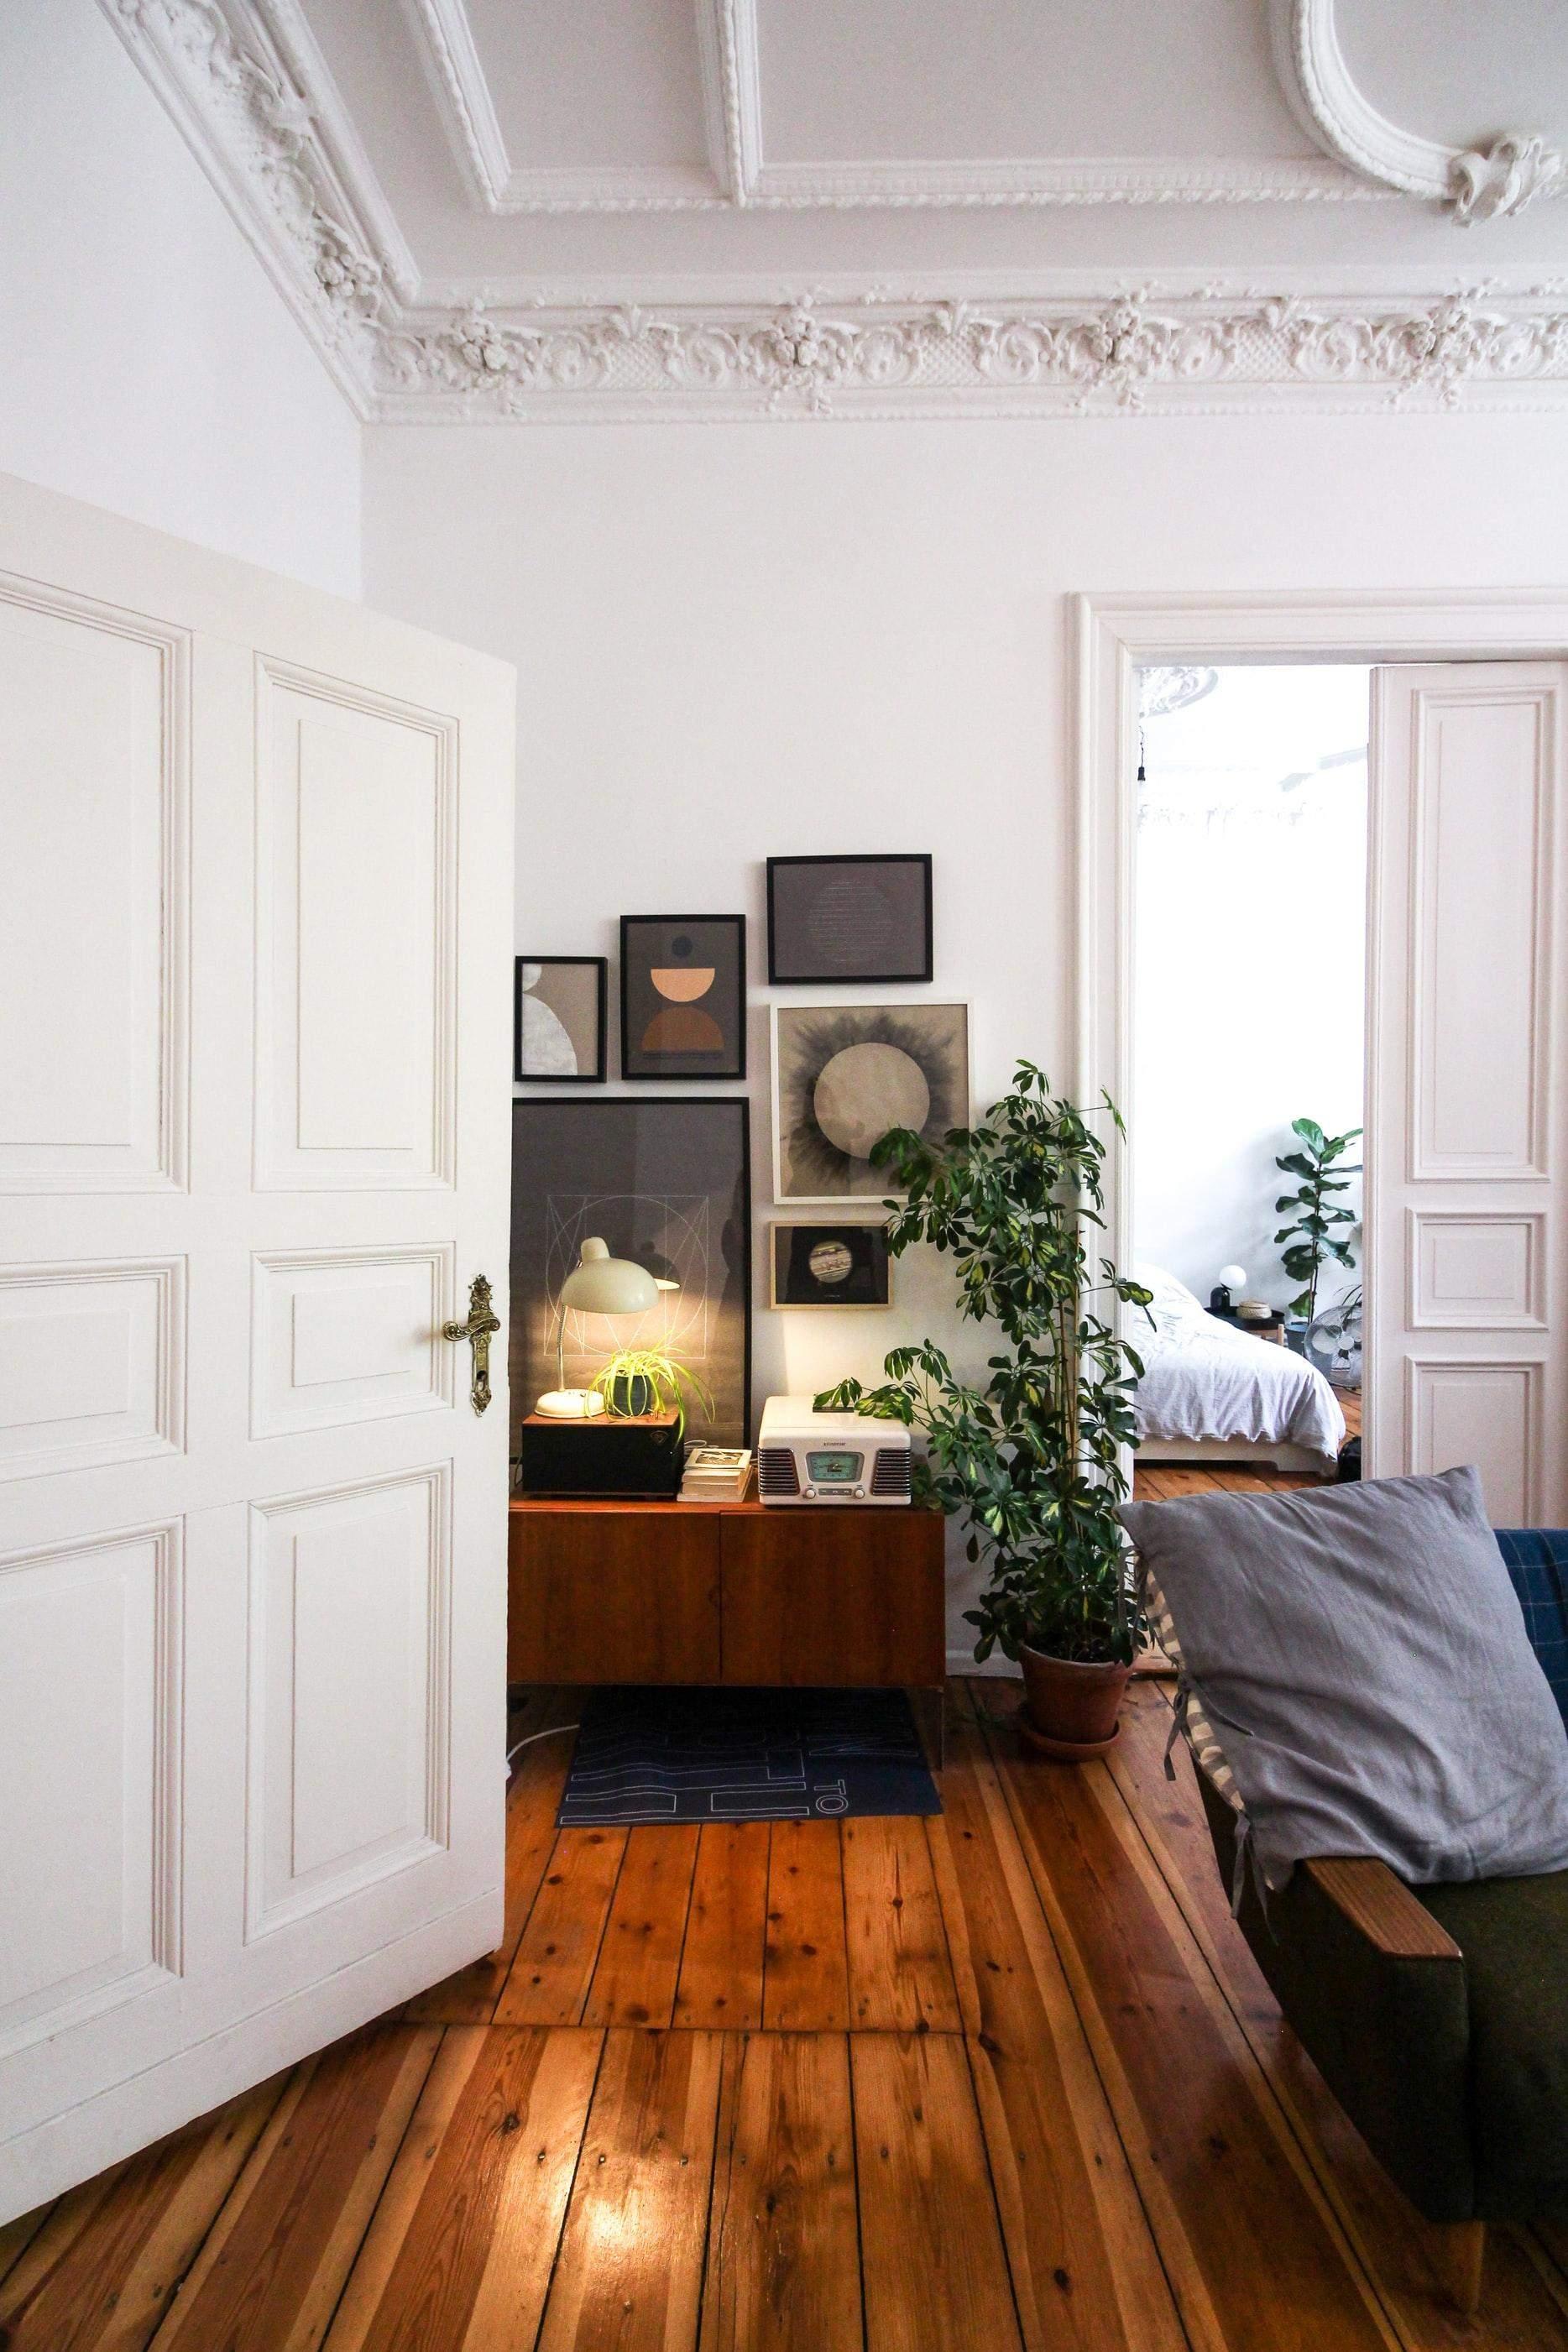 Білі міжкімнатні двері для компактних приміщень